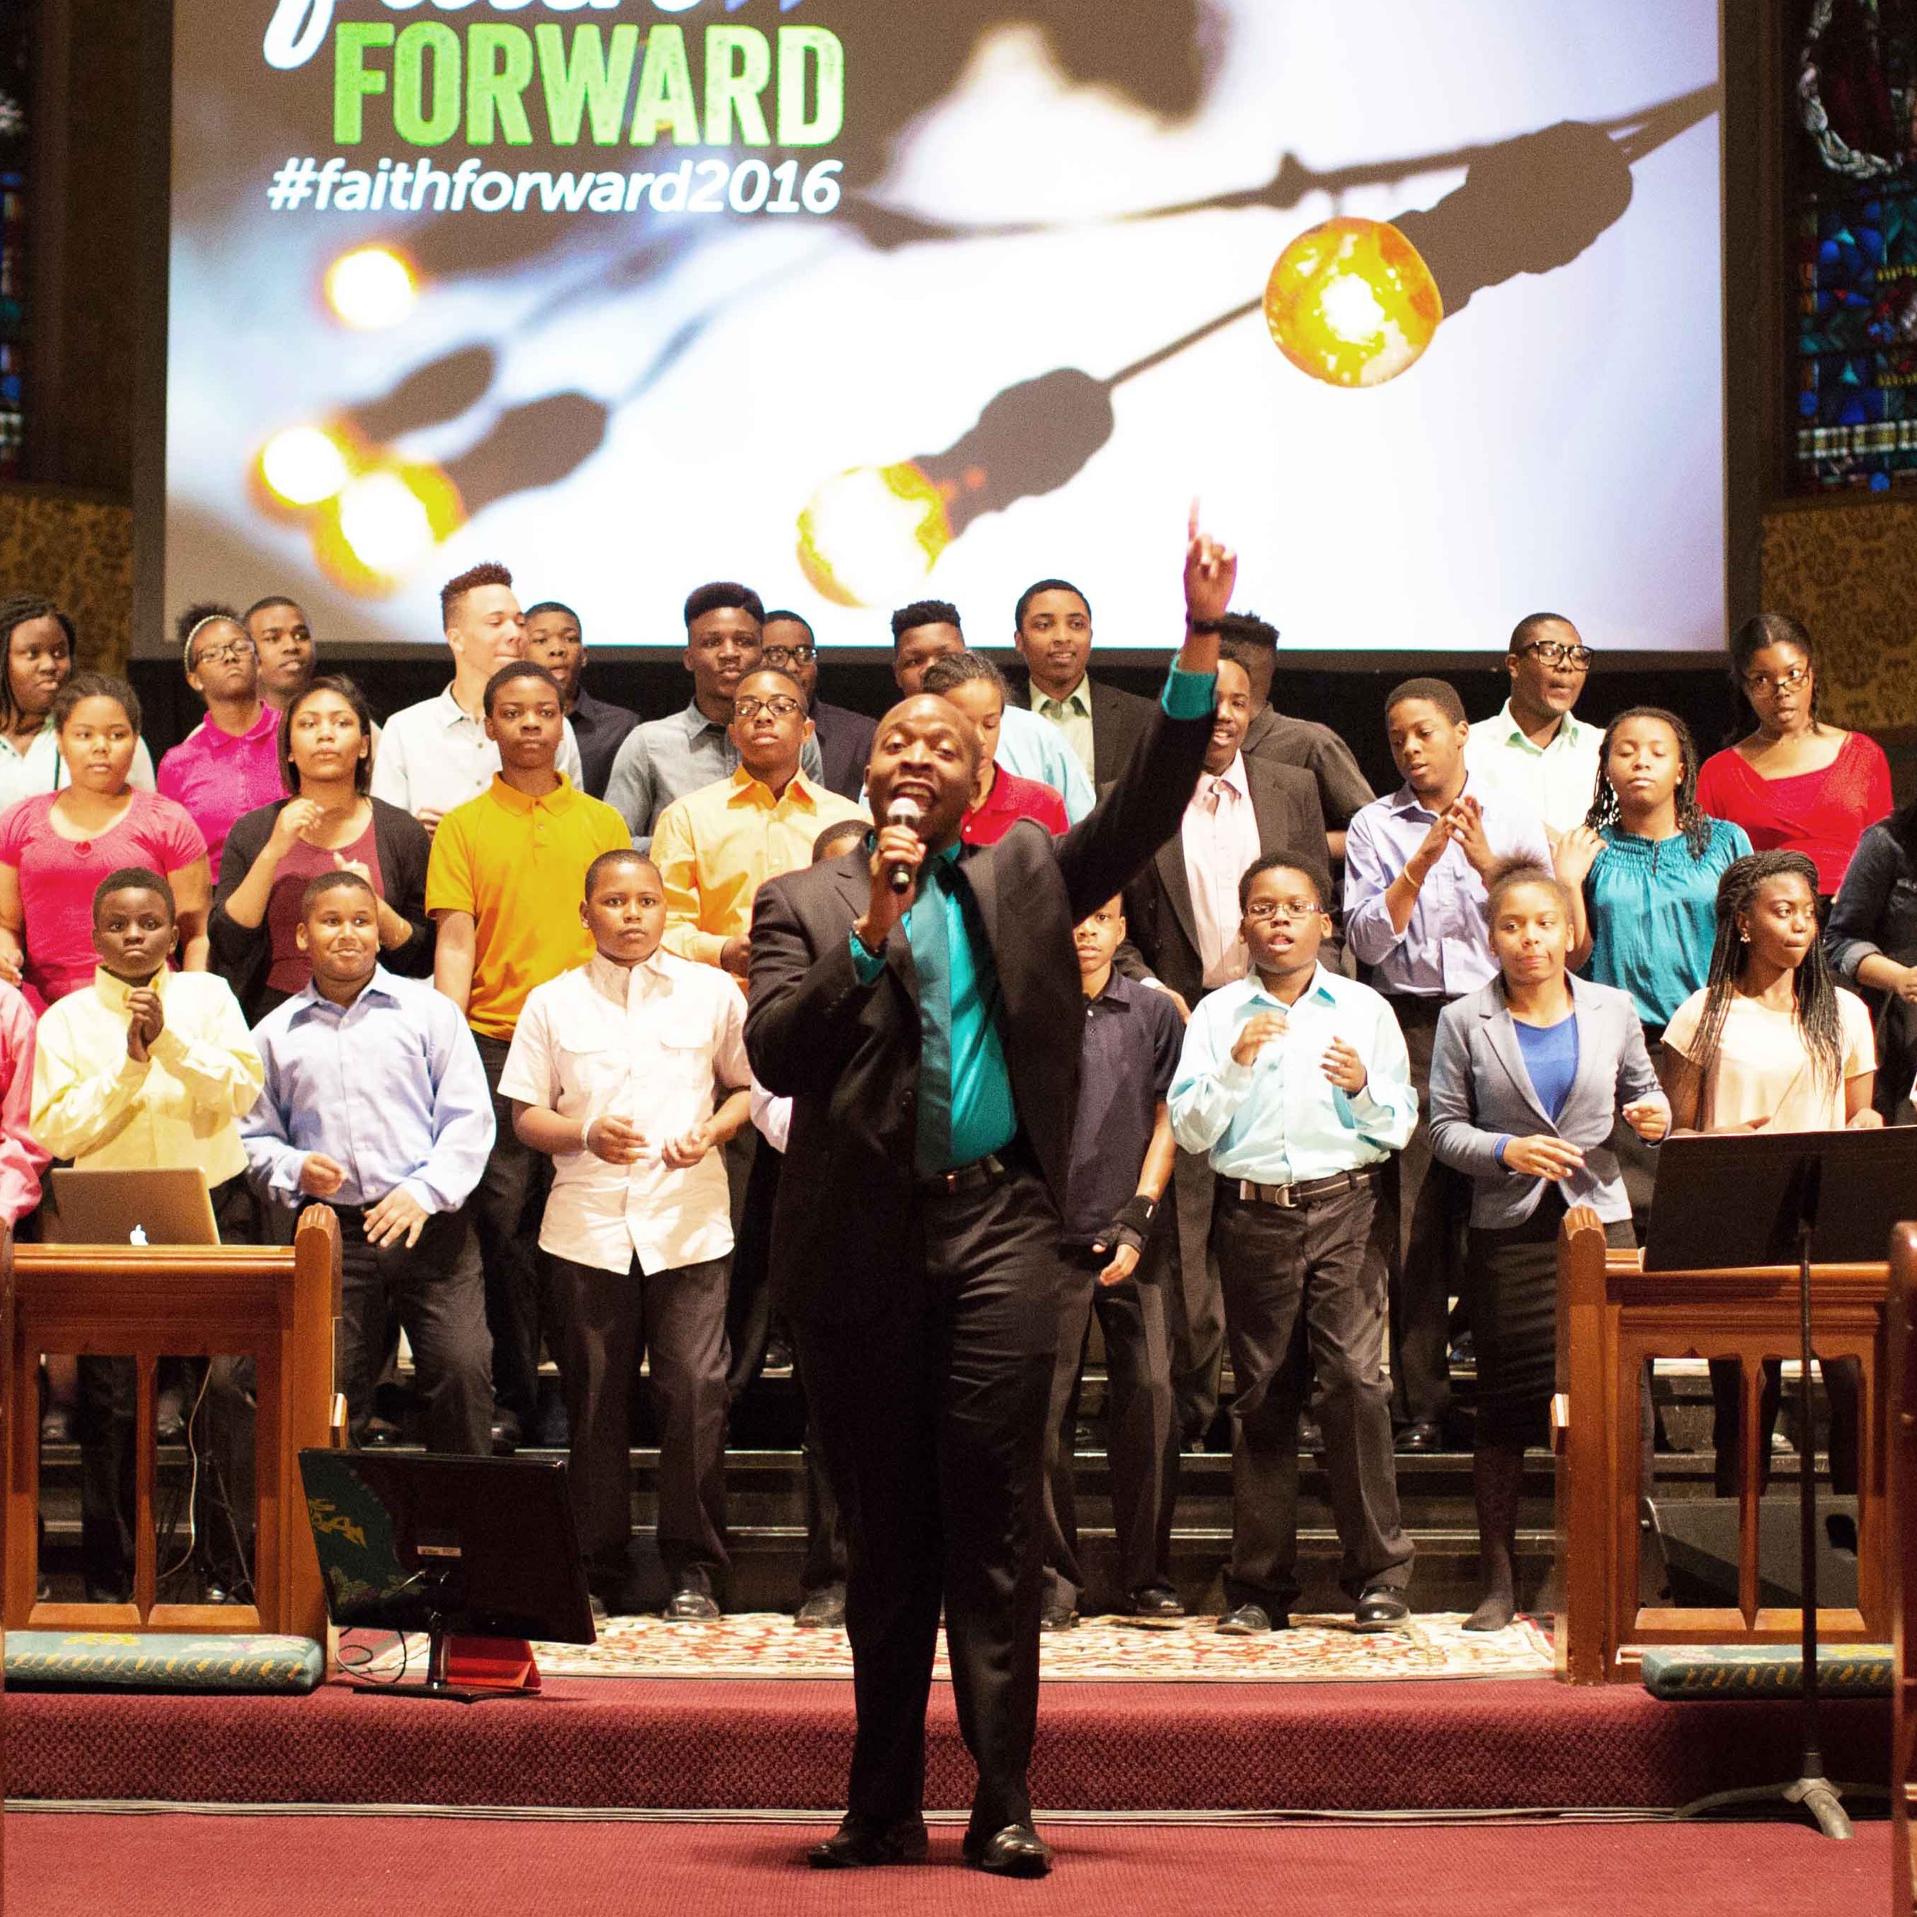 OAKDALE CHRISTIAN ACADEMY CHOIR Special Music